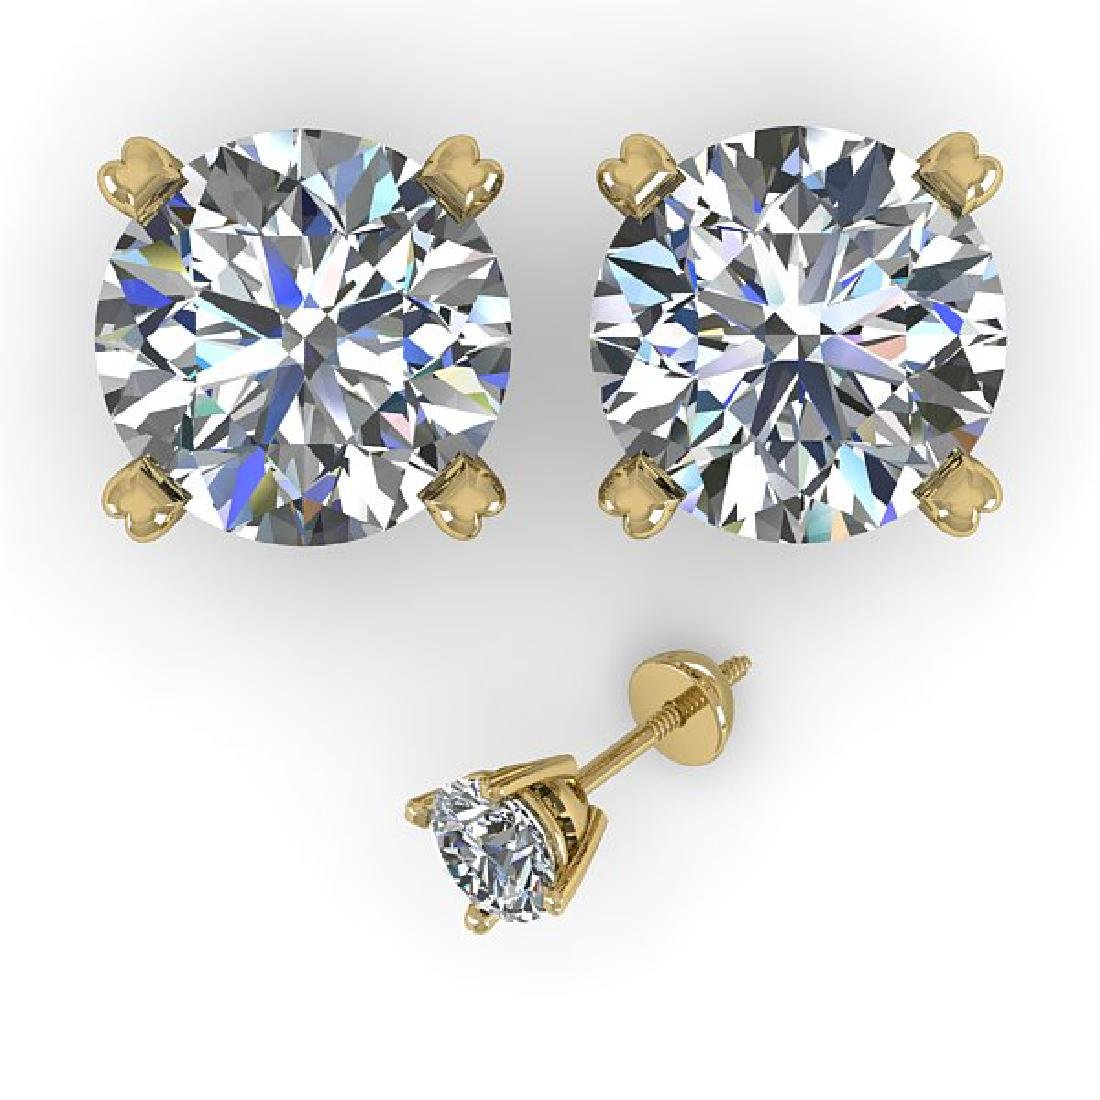 4 CTW Certified VS/SI Diamond Stud Earrings 14K Yellow - 2